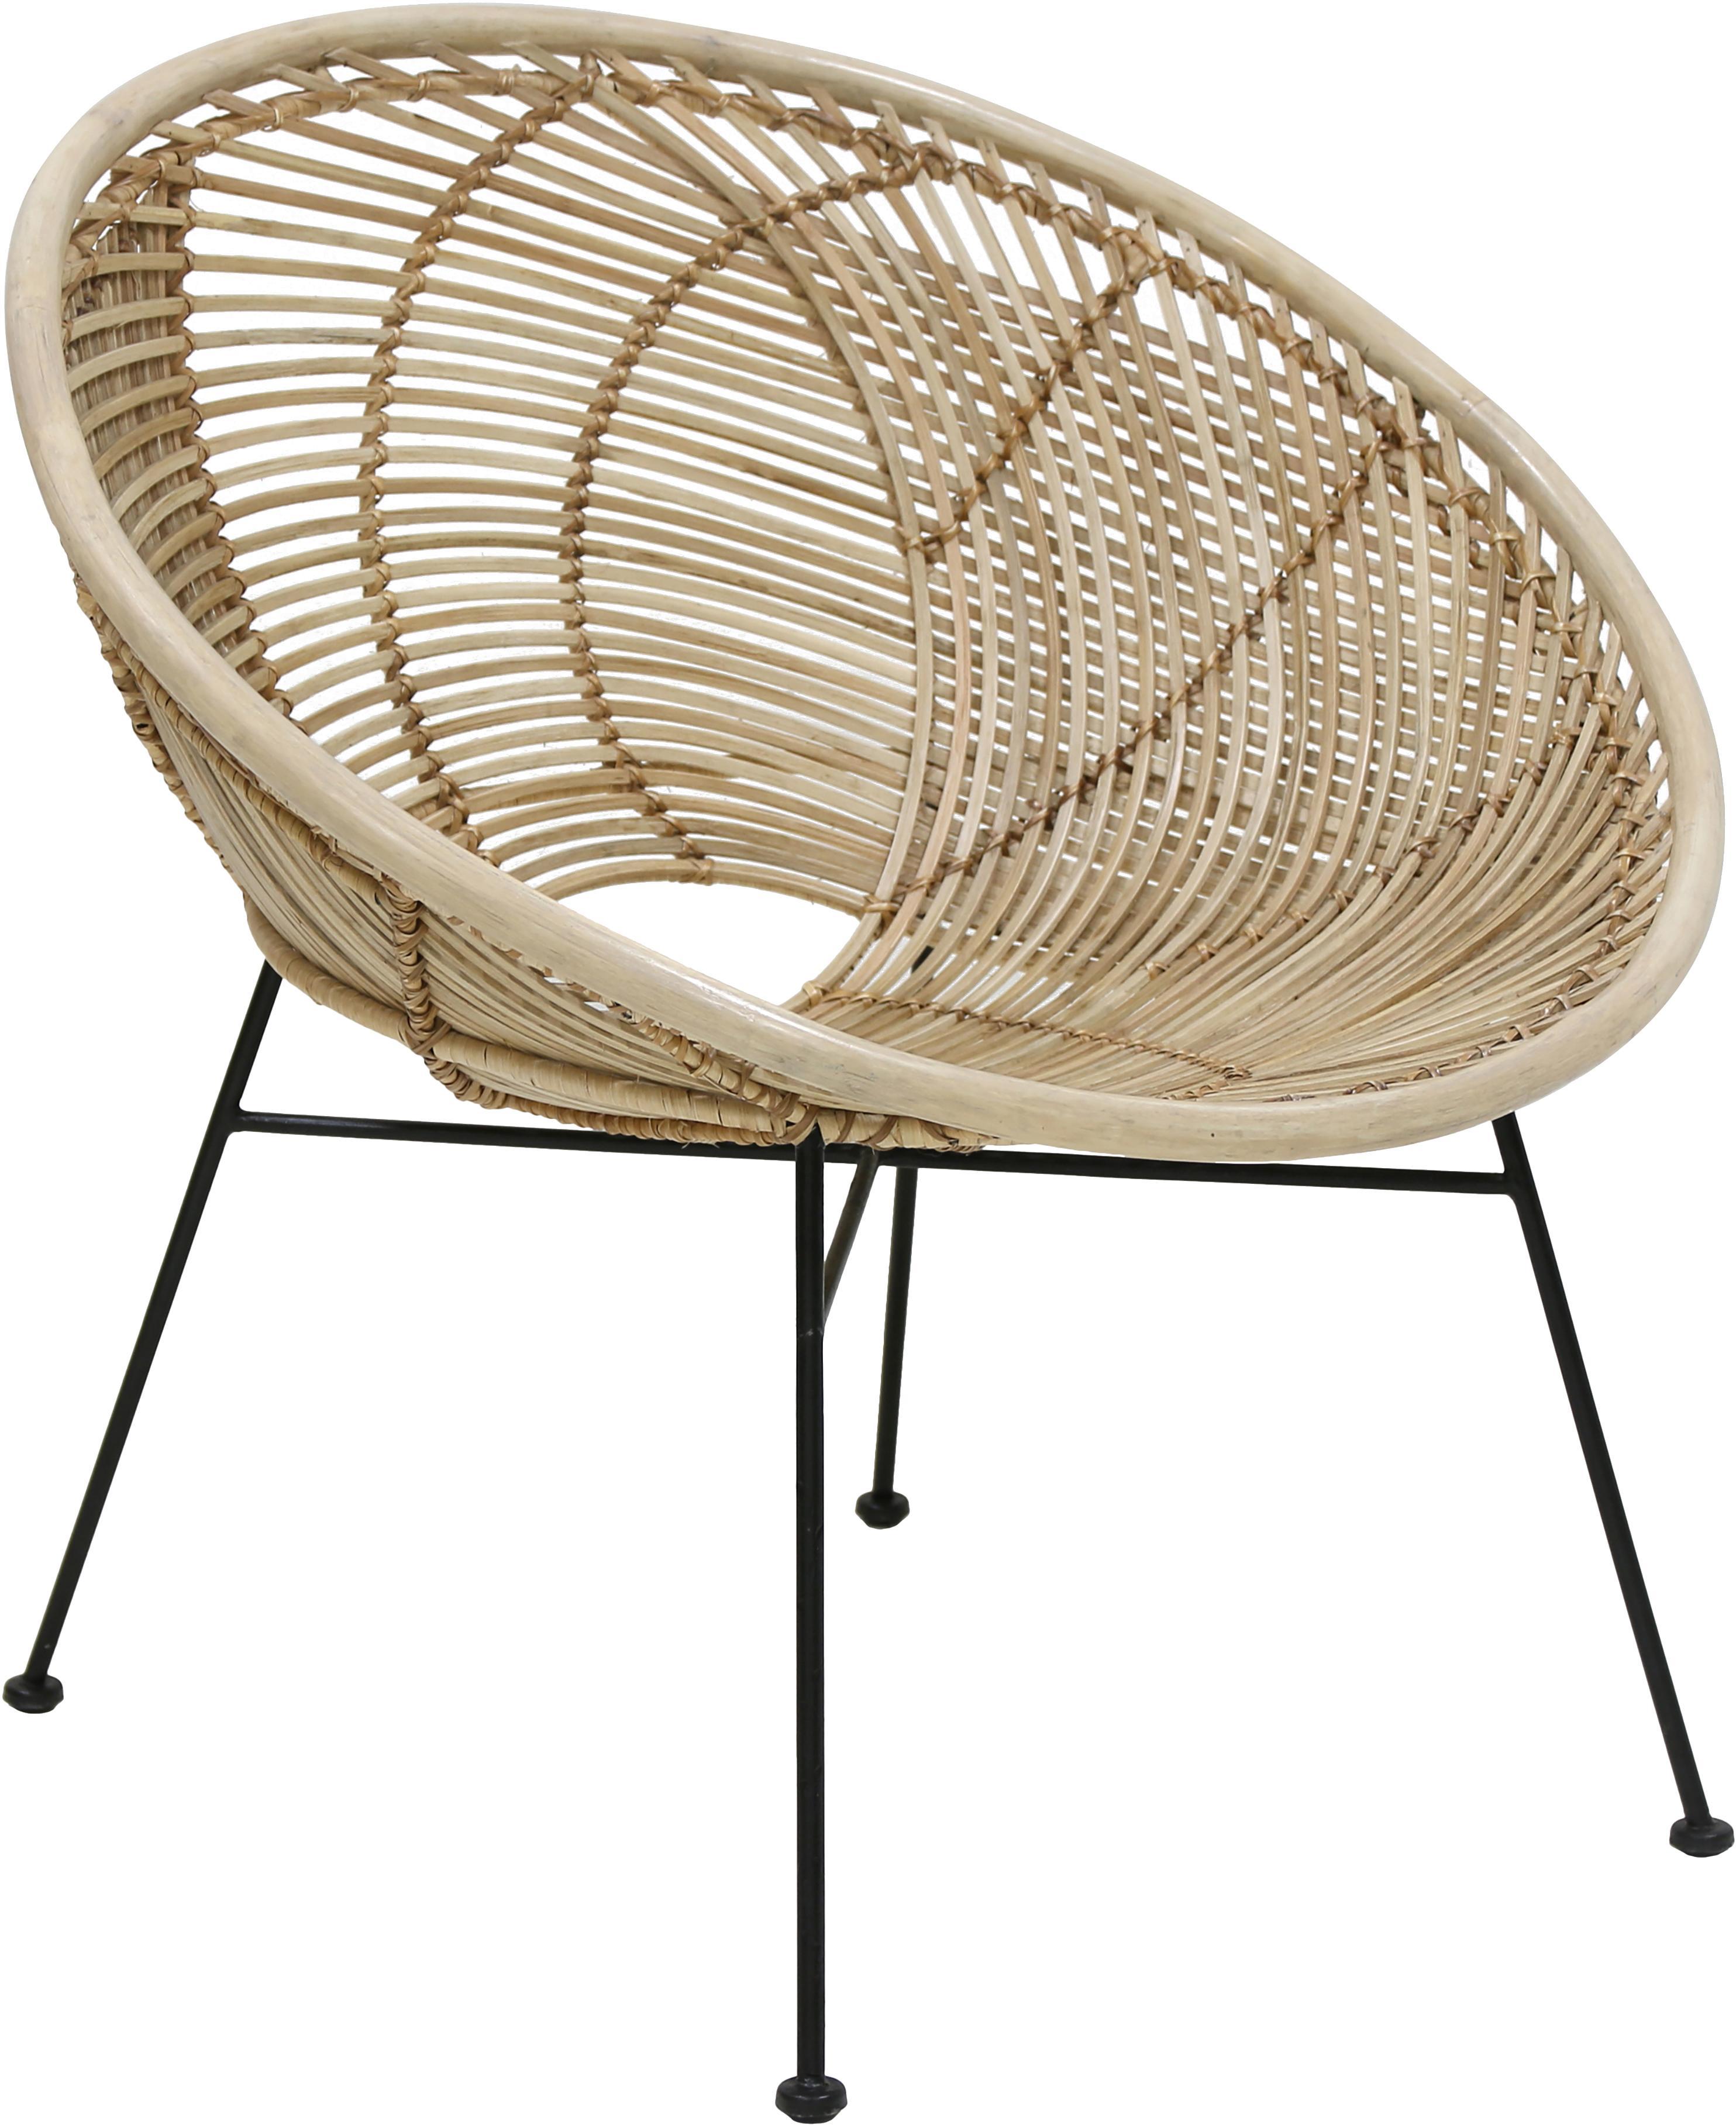 Sedia a poltrona in rattan Circles, Seduta: rattan, Gambe: metallo verniciato a polv, Rattan, Larg. 72 x Prof. 79 cm